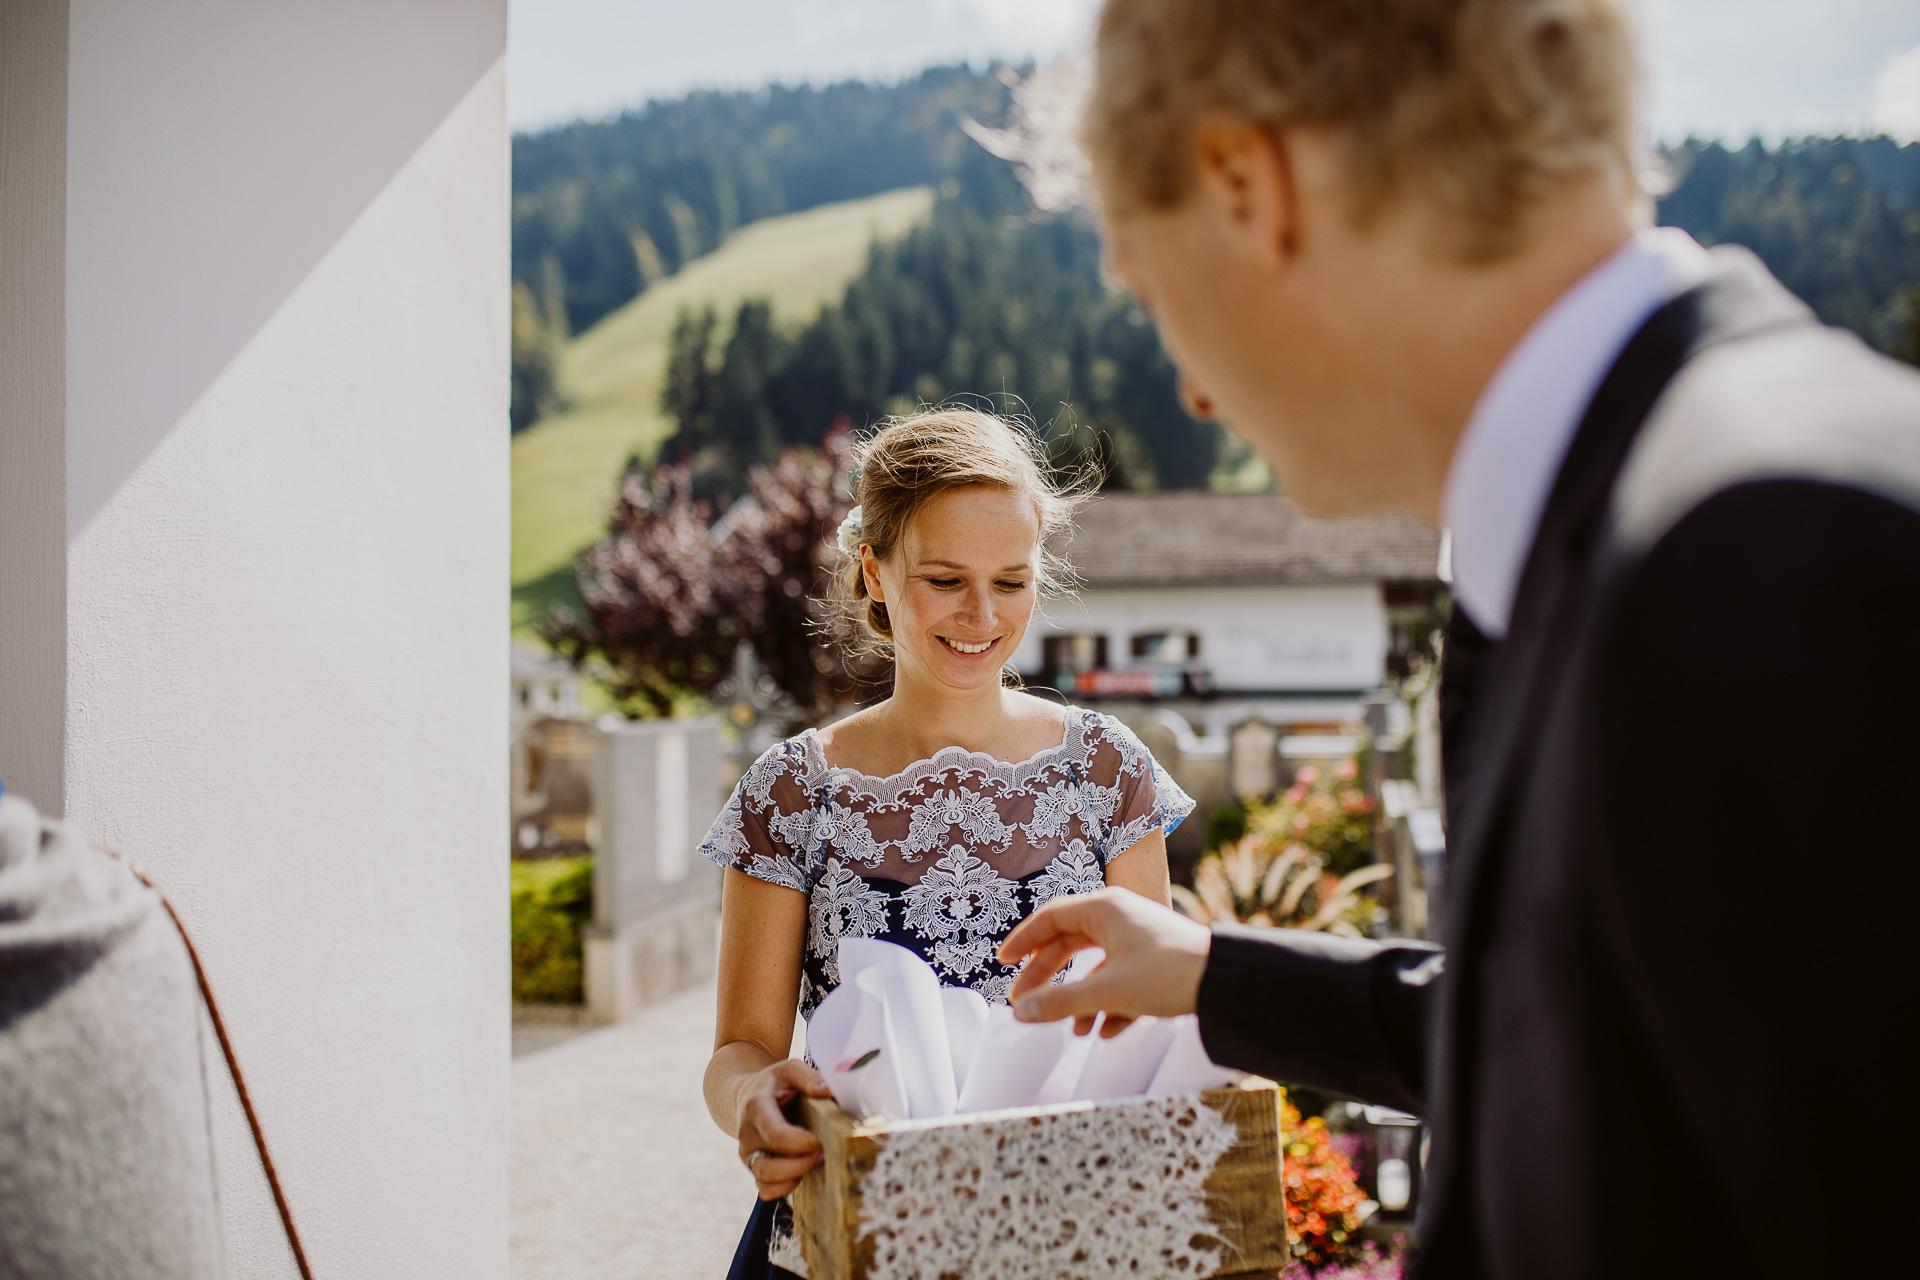 Alexander Utz, Fotografie, Hochzeit, Augsburg, Brautkleid, Brautstrauss-32